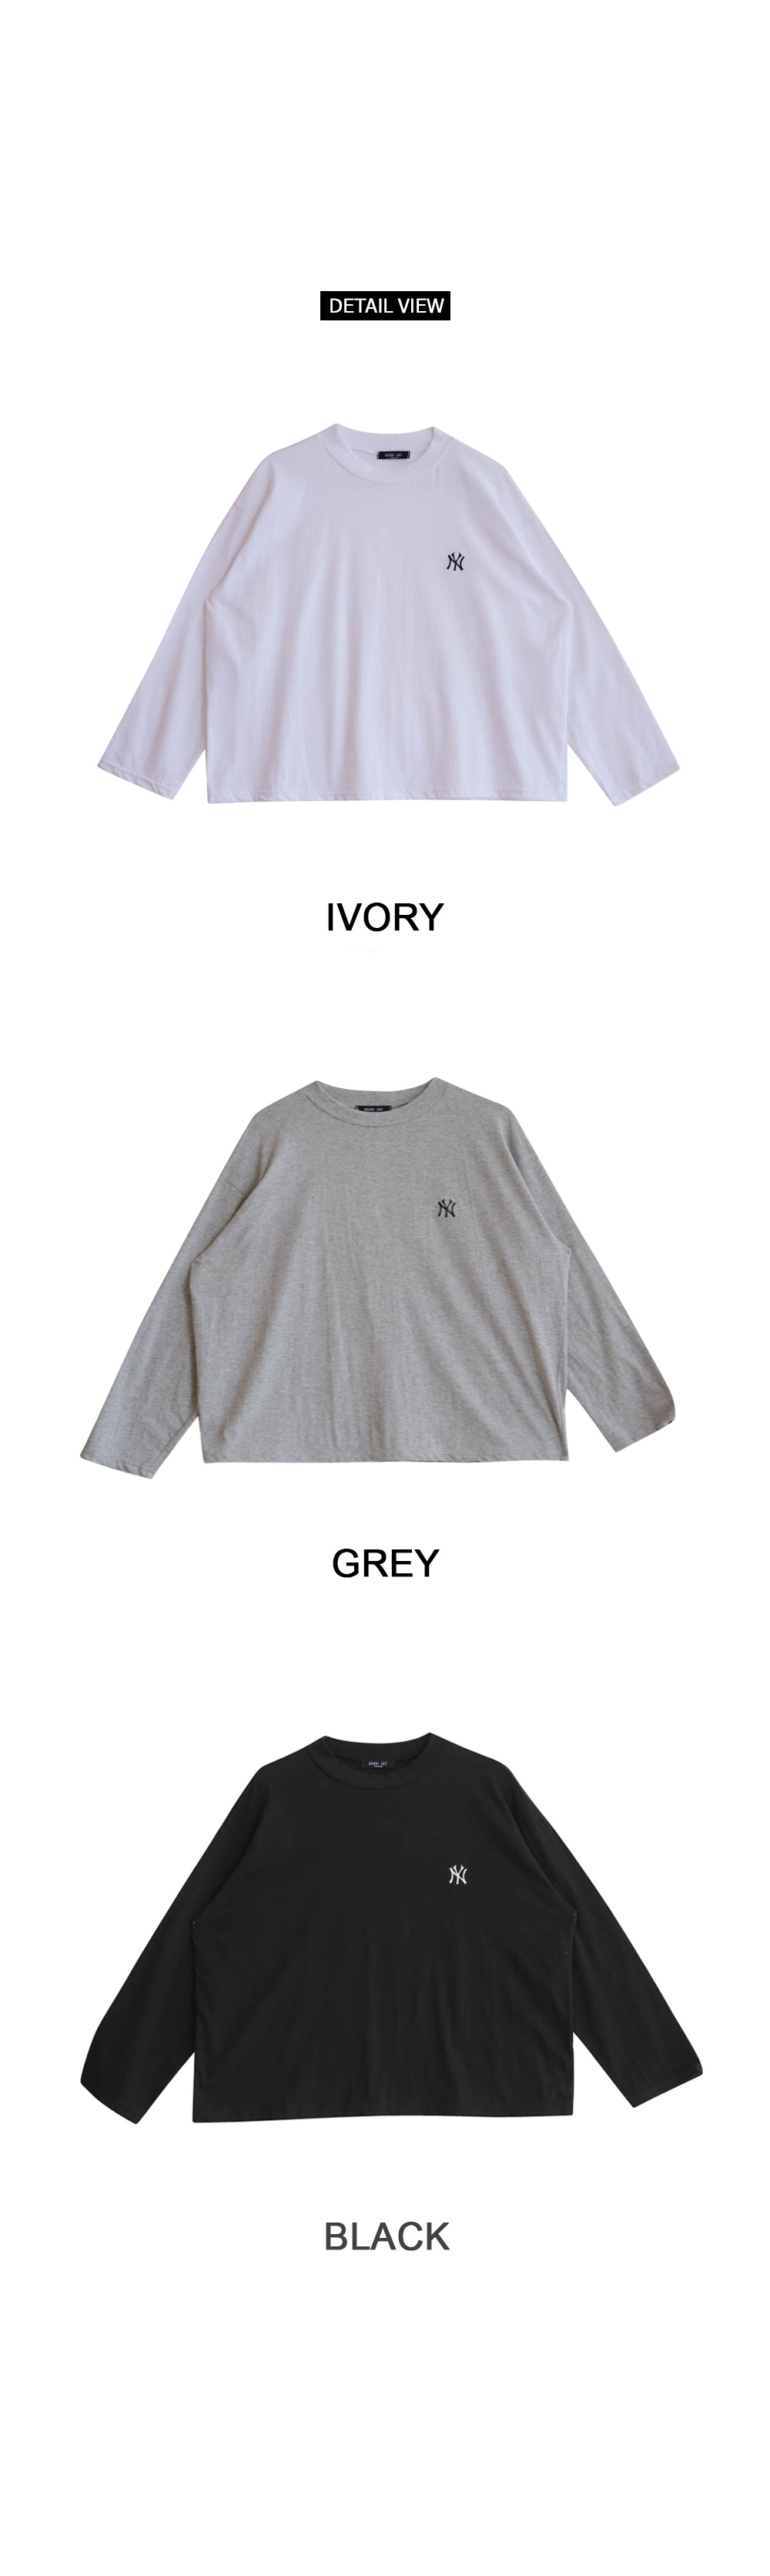 NY Boxy T-Shirt